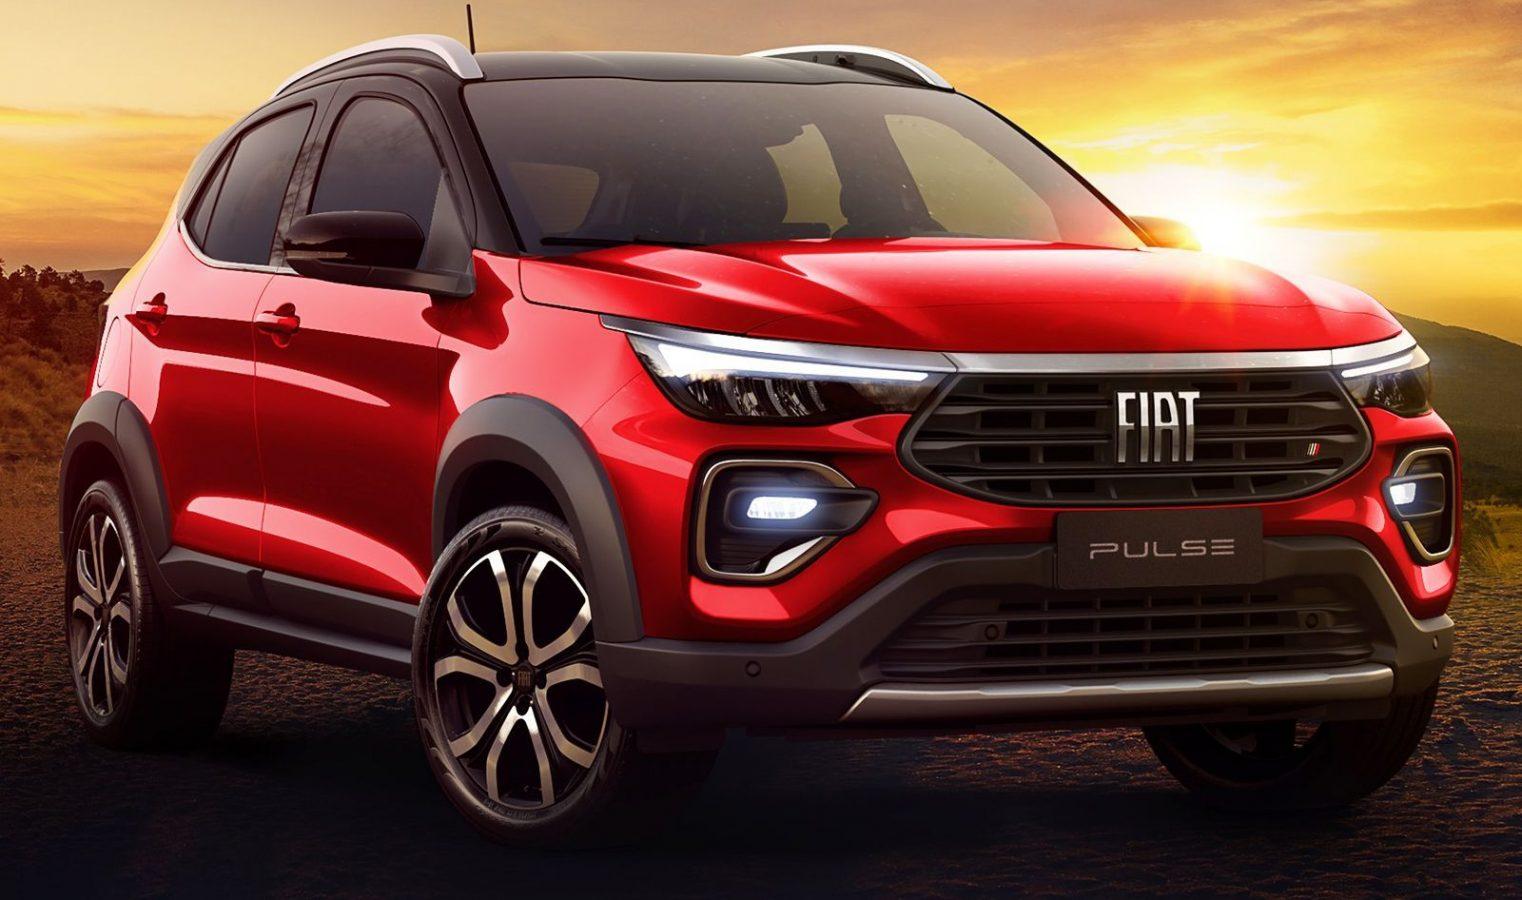 Pulse: Así se llama el nuevo SUV chico regional de Fiat